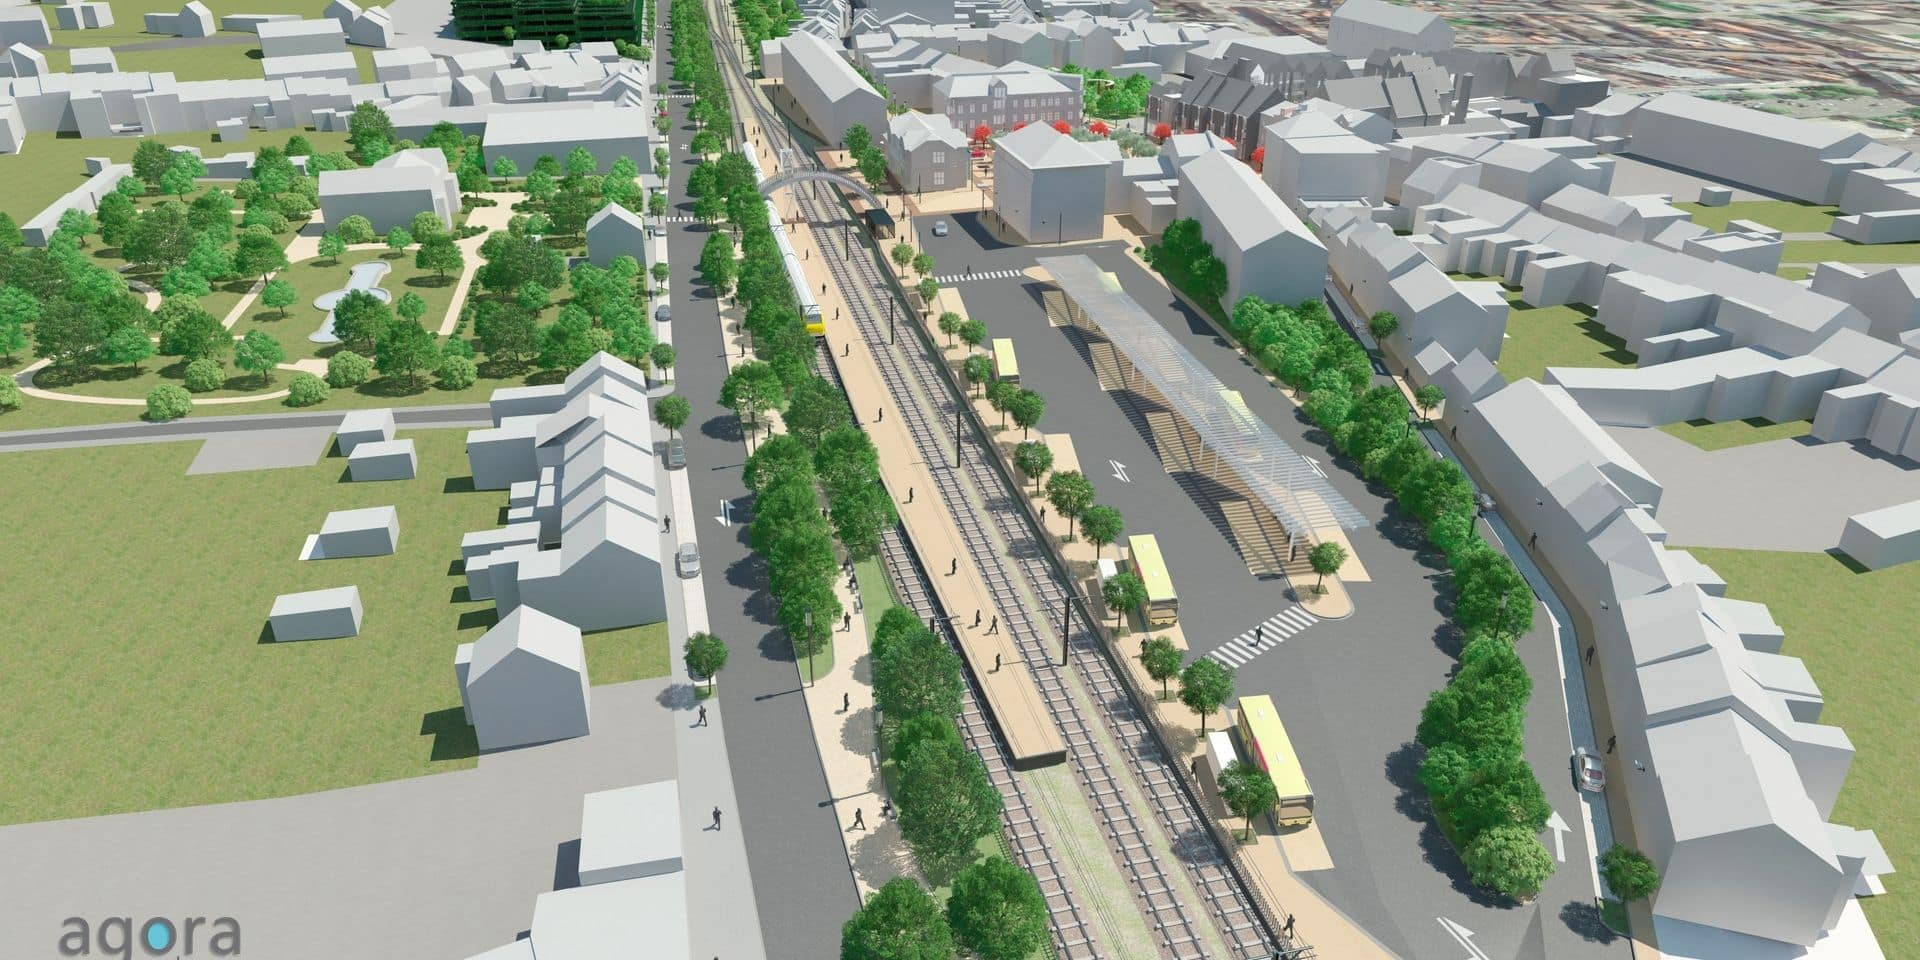 Feu vert pour la nouvelle gare des bus de Wavre, le chantier devrait débuter d'ici mars